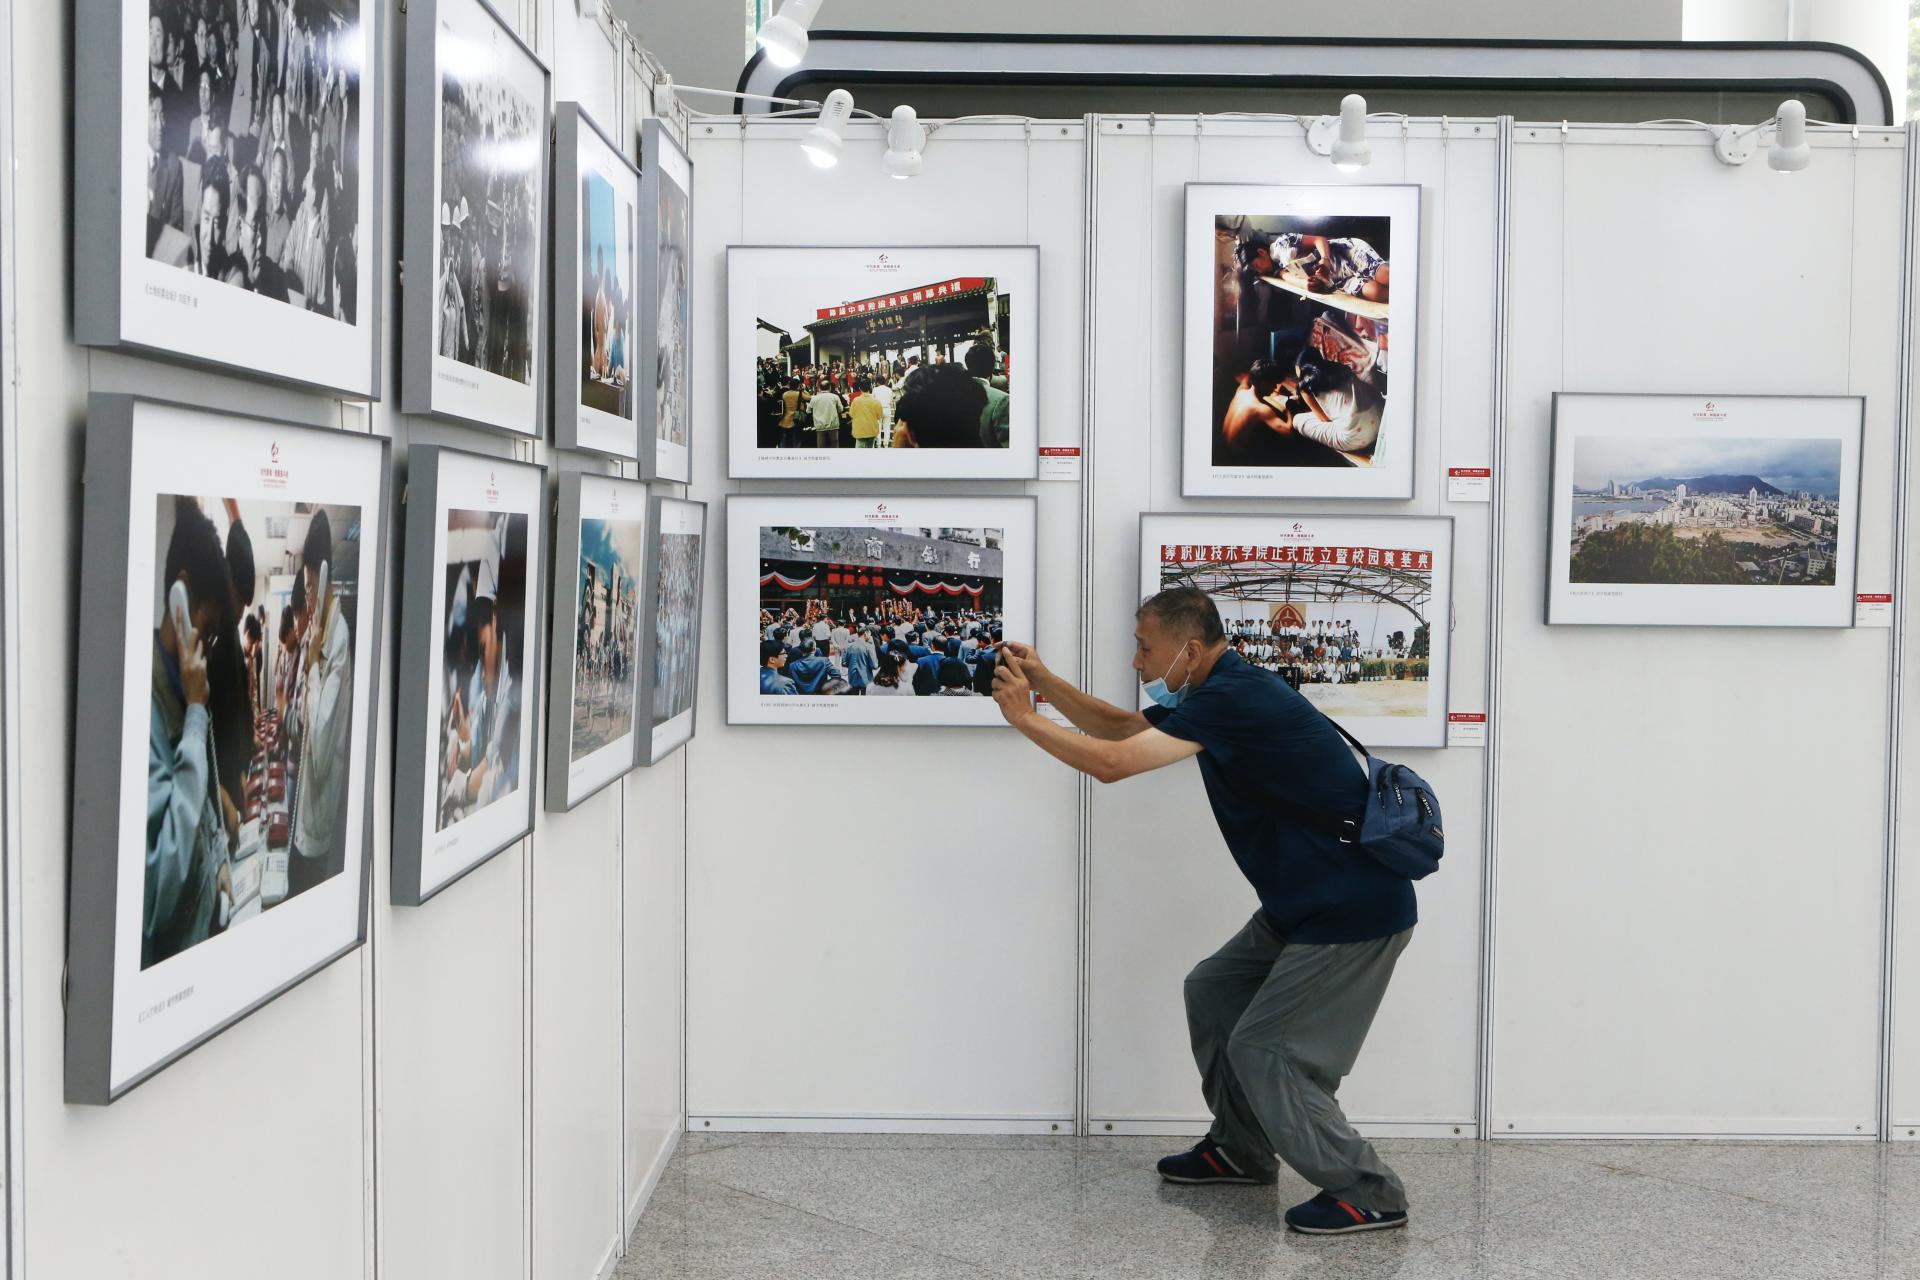 120幅照片致敬最美奋斗者!南山区庆祝深圳经济特区建立40周年摄影展开展